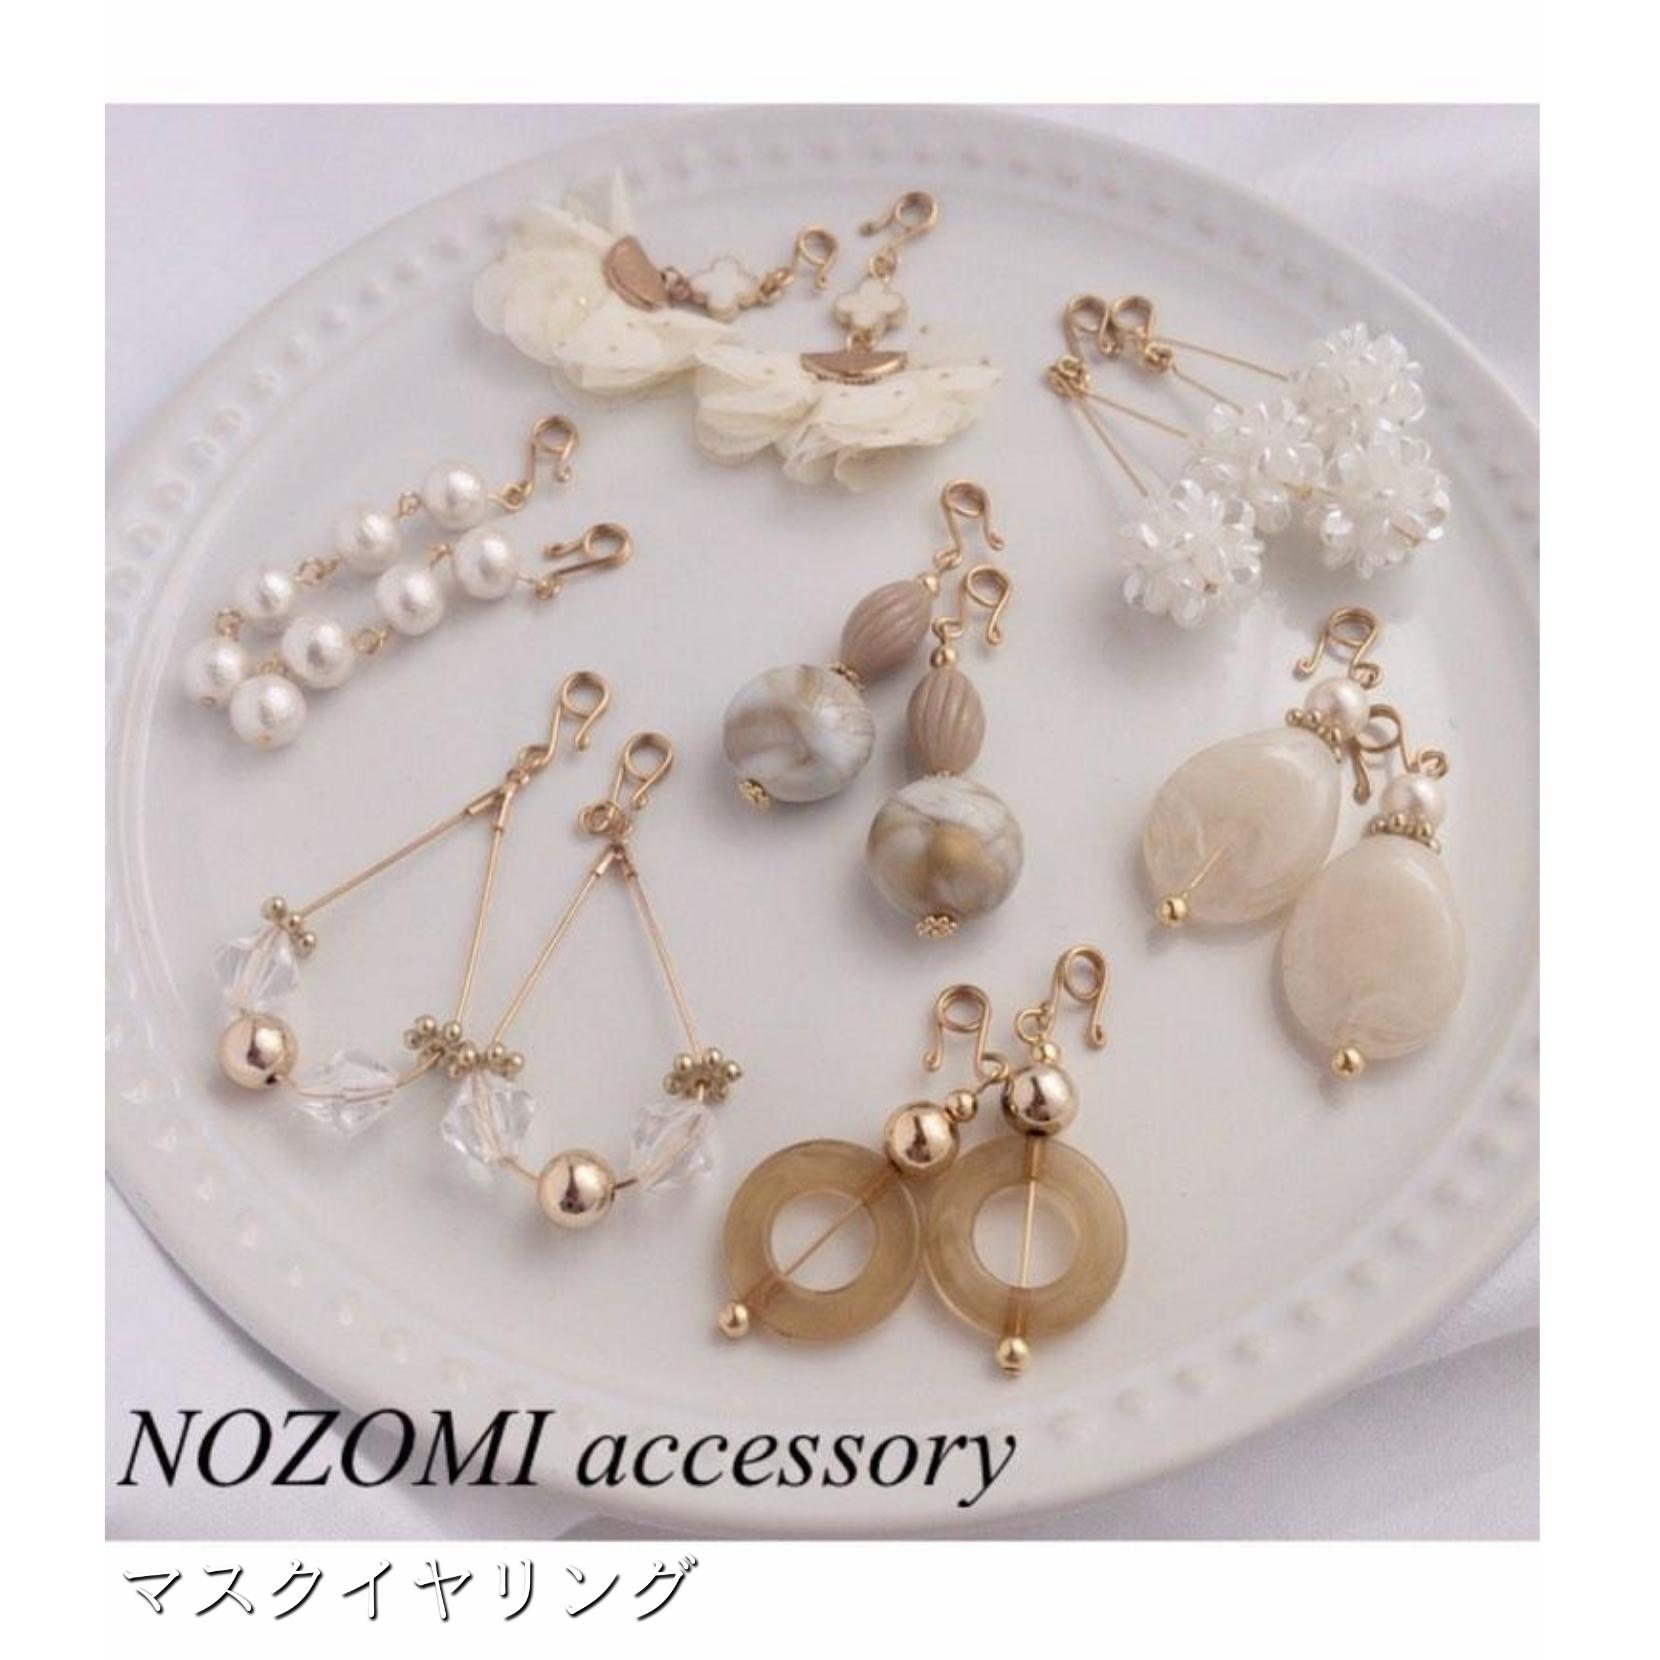 NOZOMI accessory